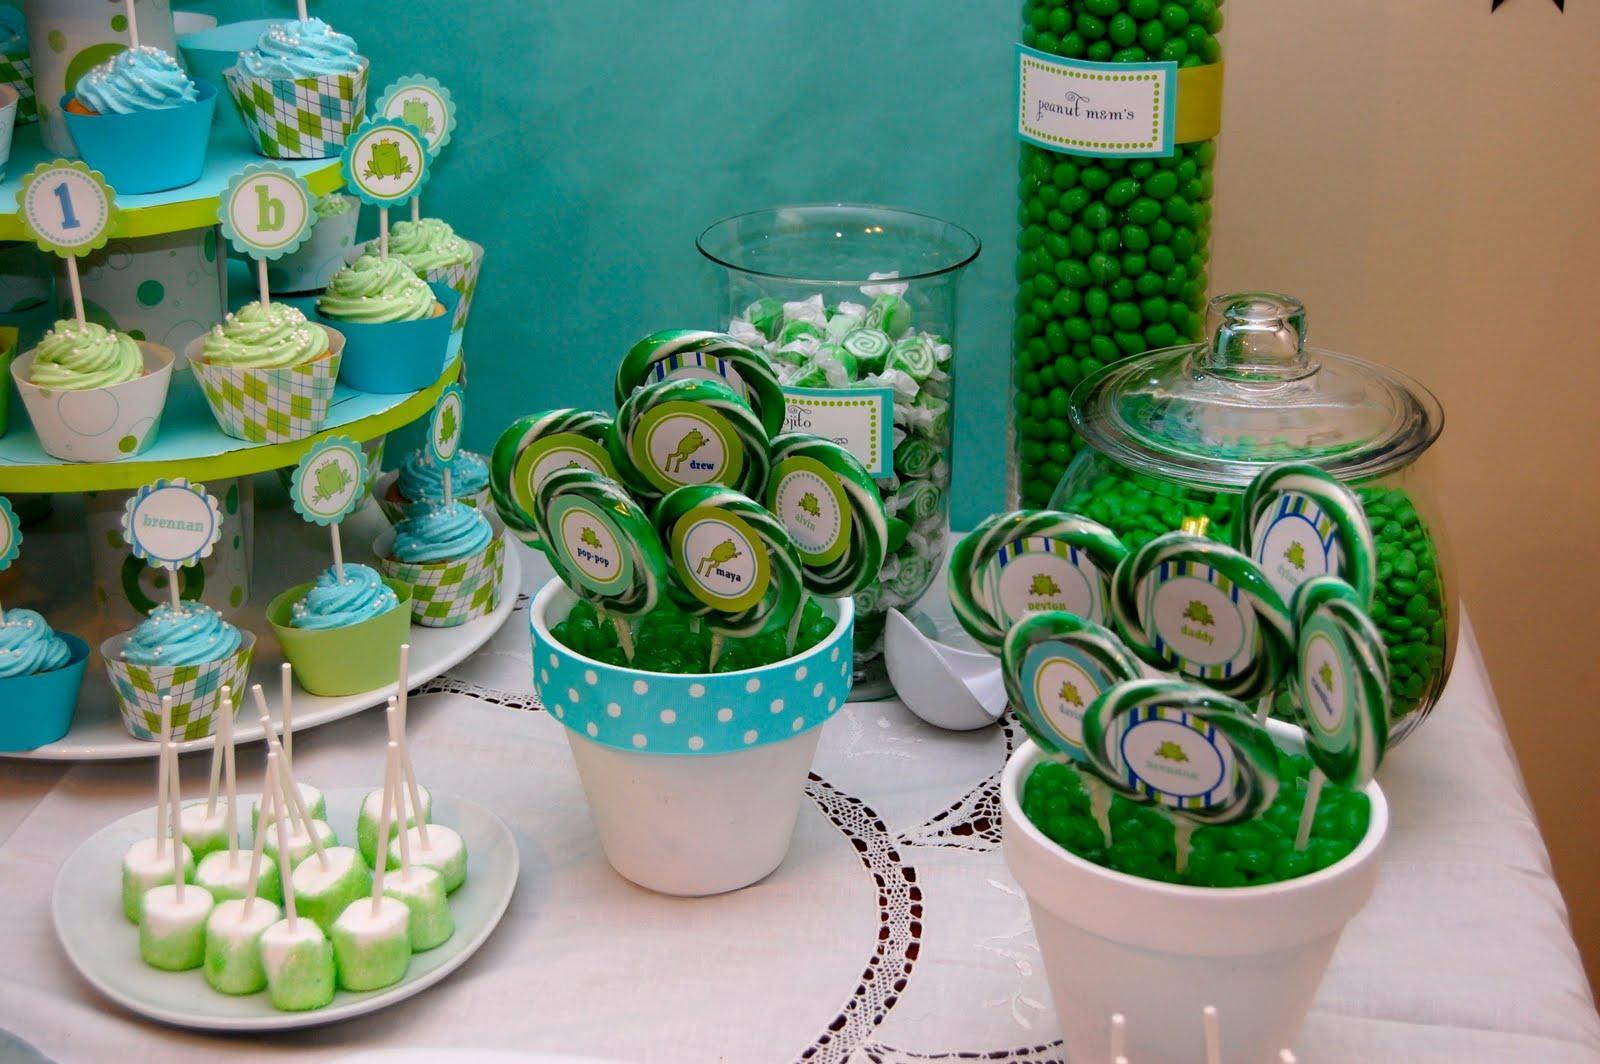 Candy bar alebo sladkosti na svadbe - Obrázok č. 31